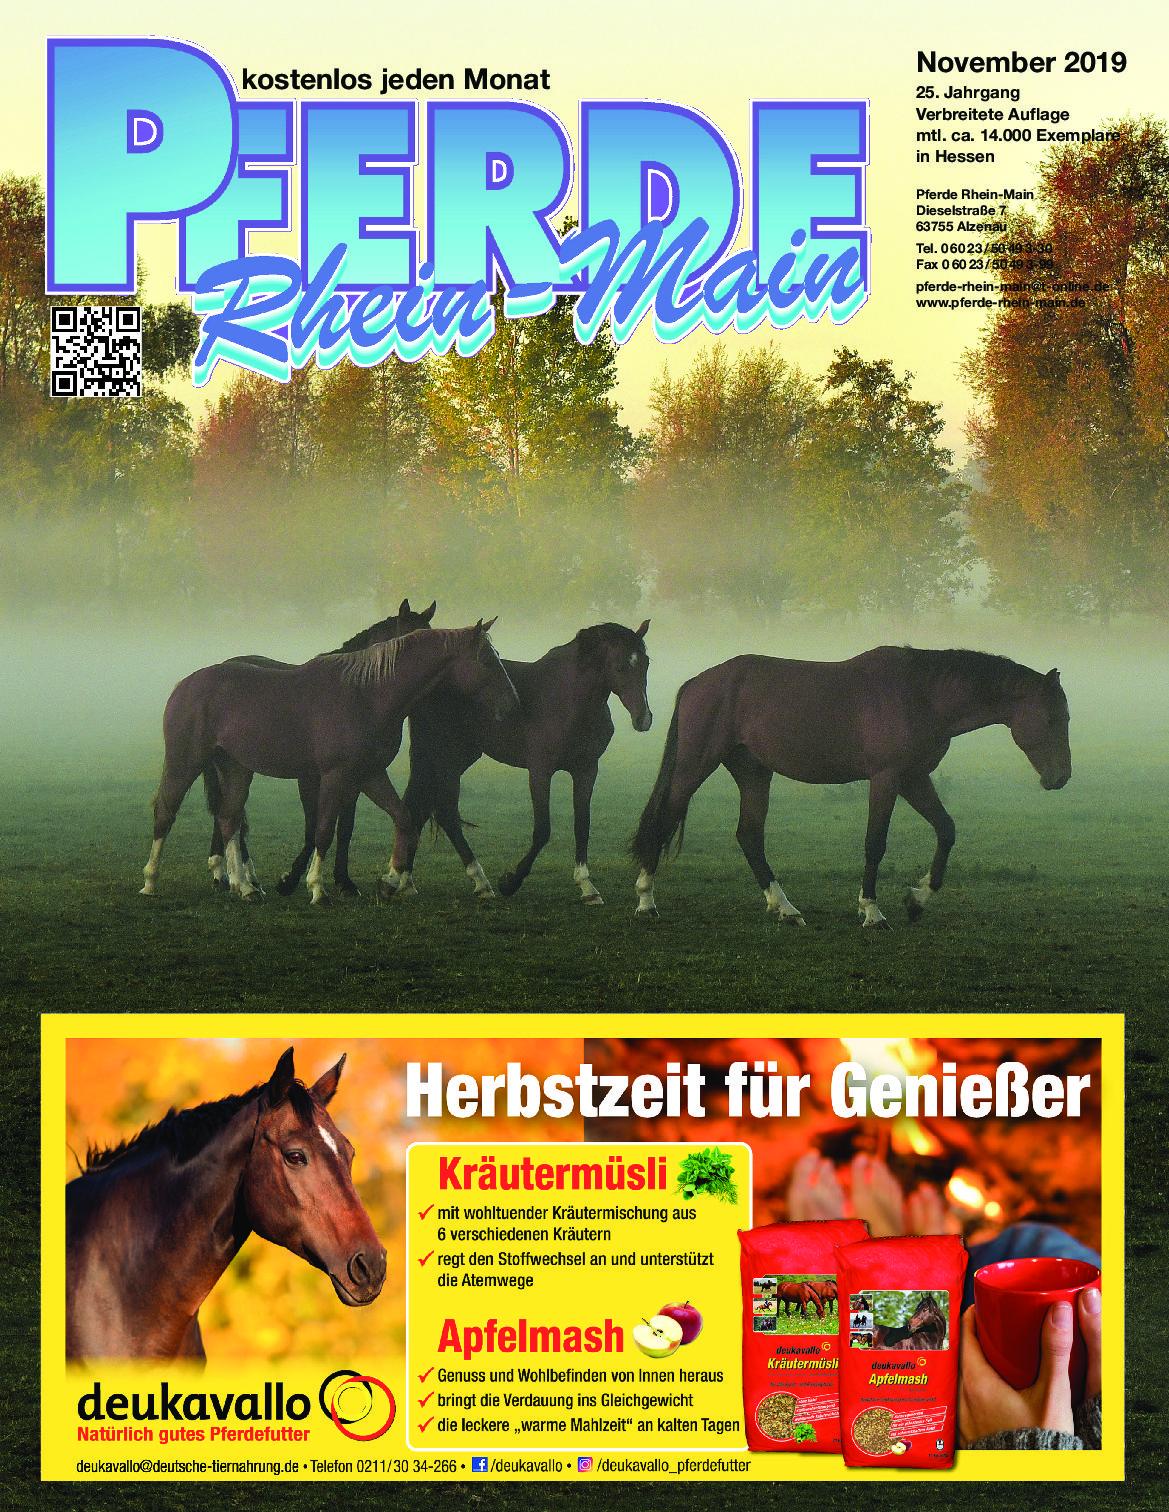 Wasser - das Lebenselixier - Pferde Rhein-Main